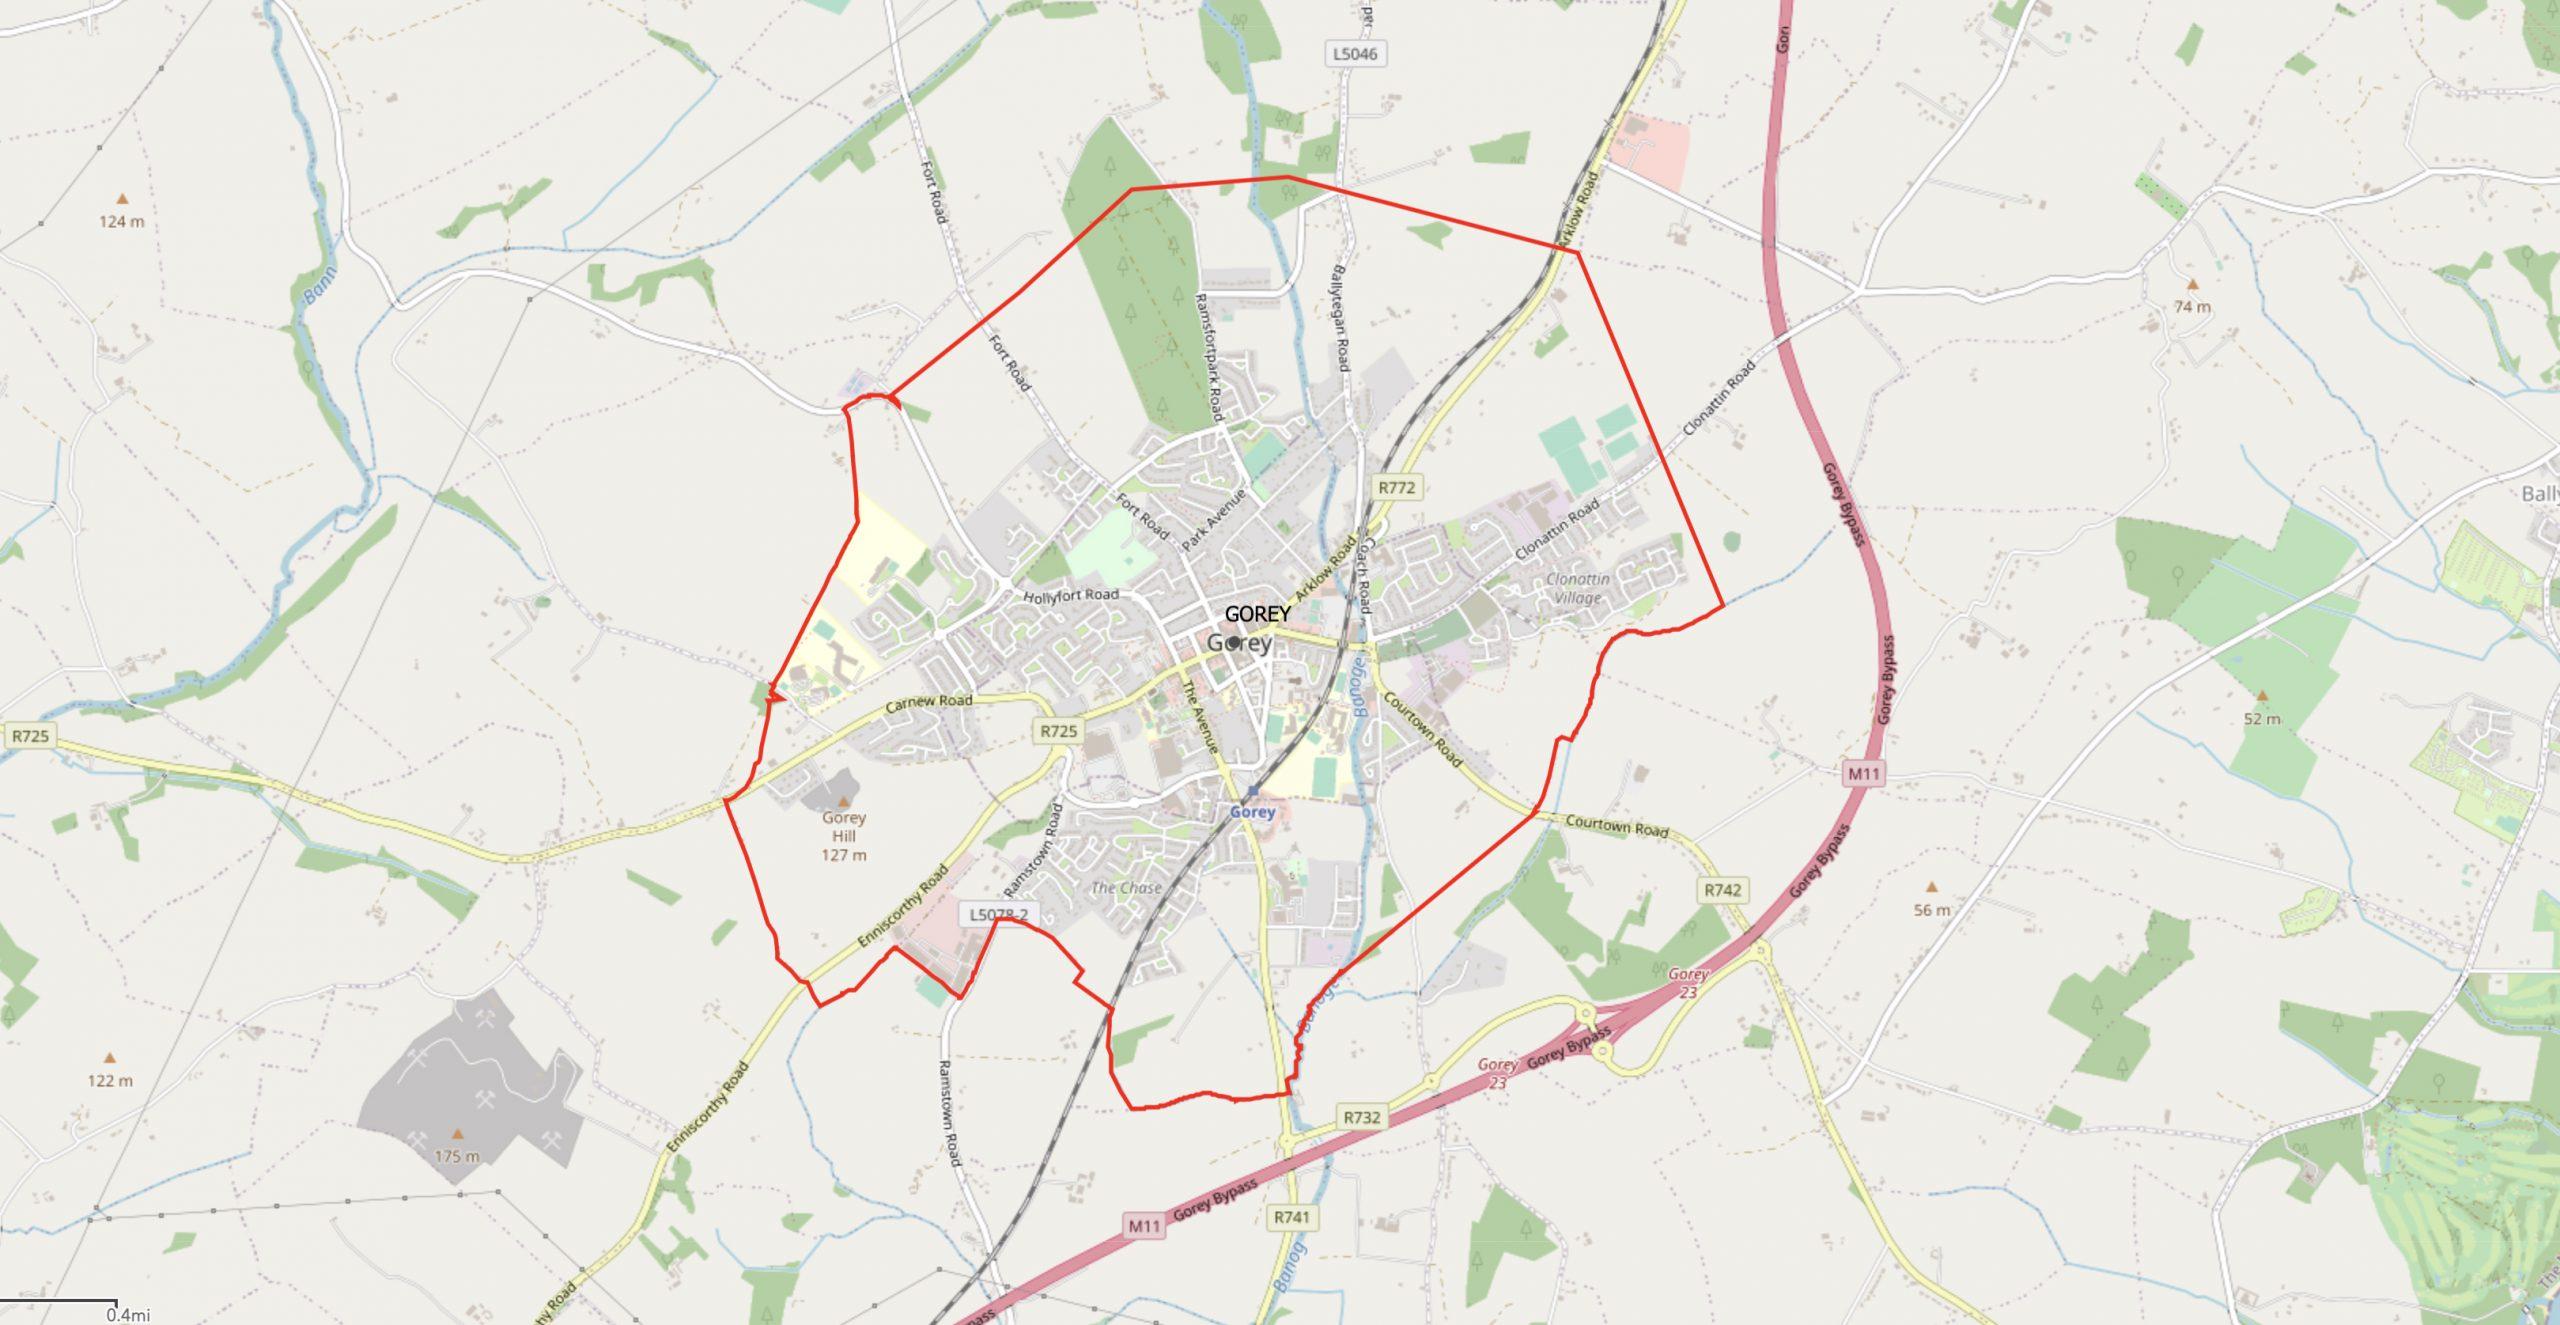 solar-panels-gorey-wexford-ireland-map-img